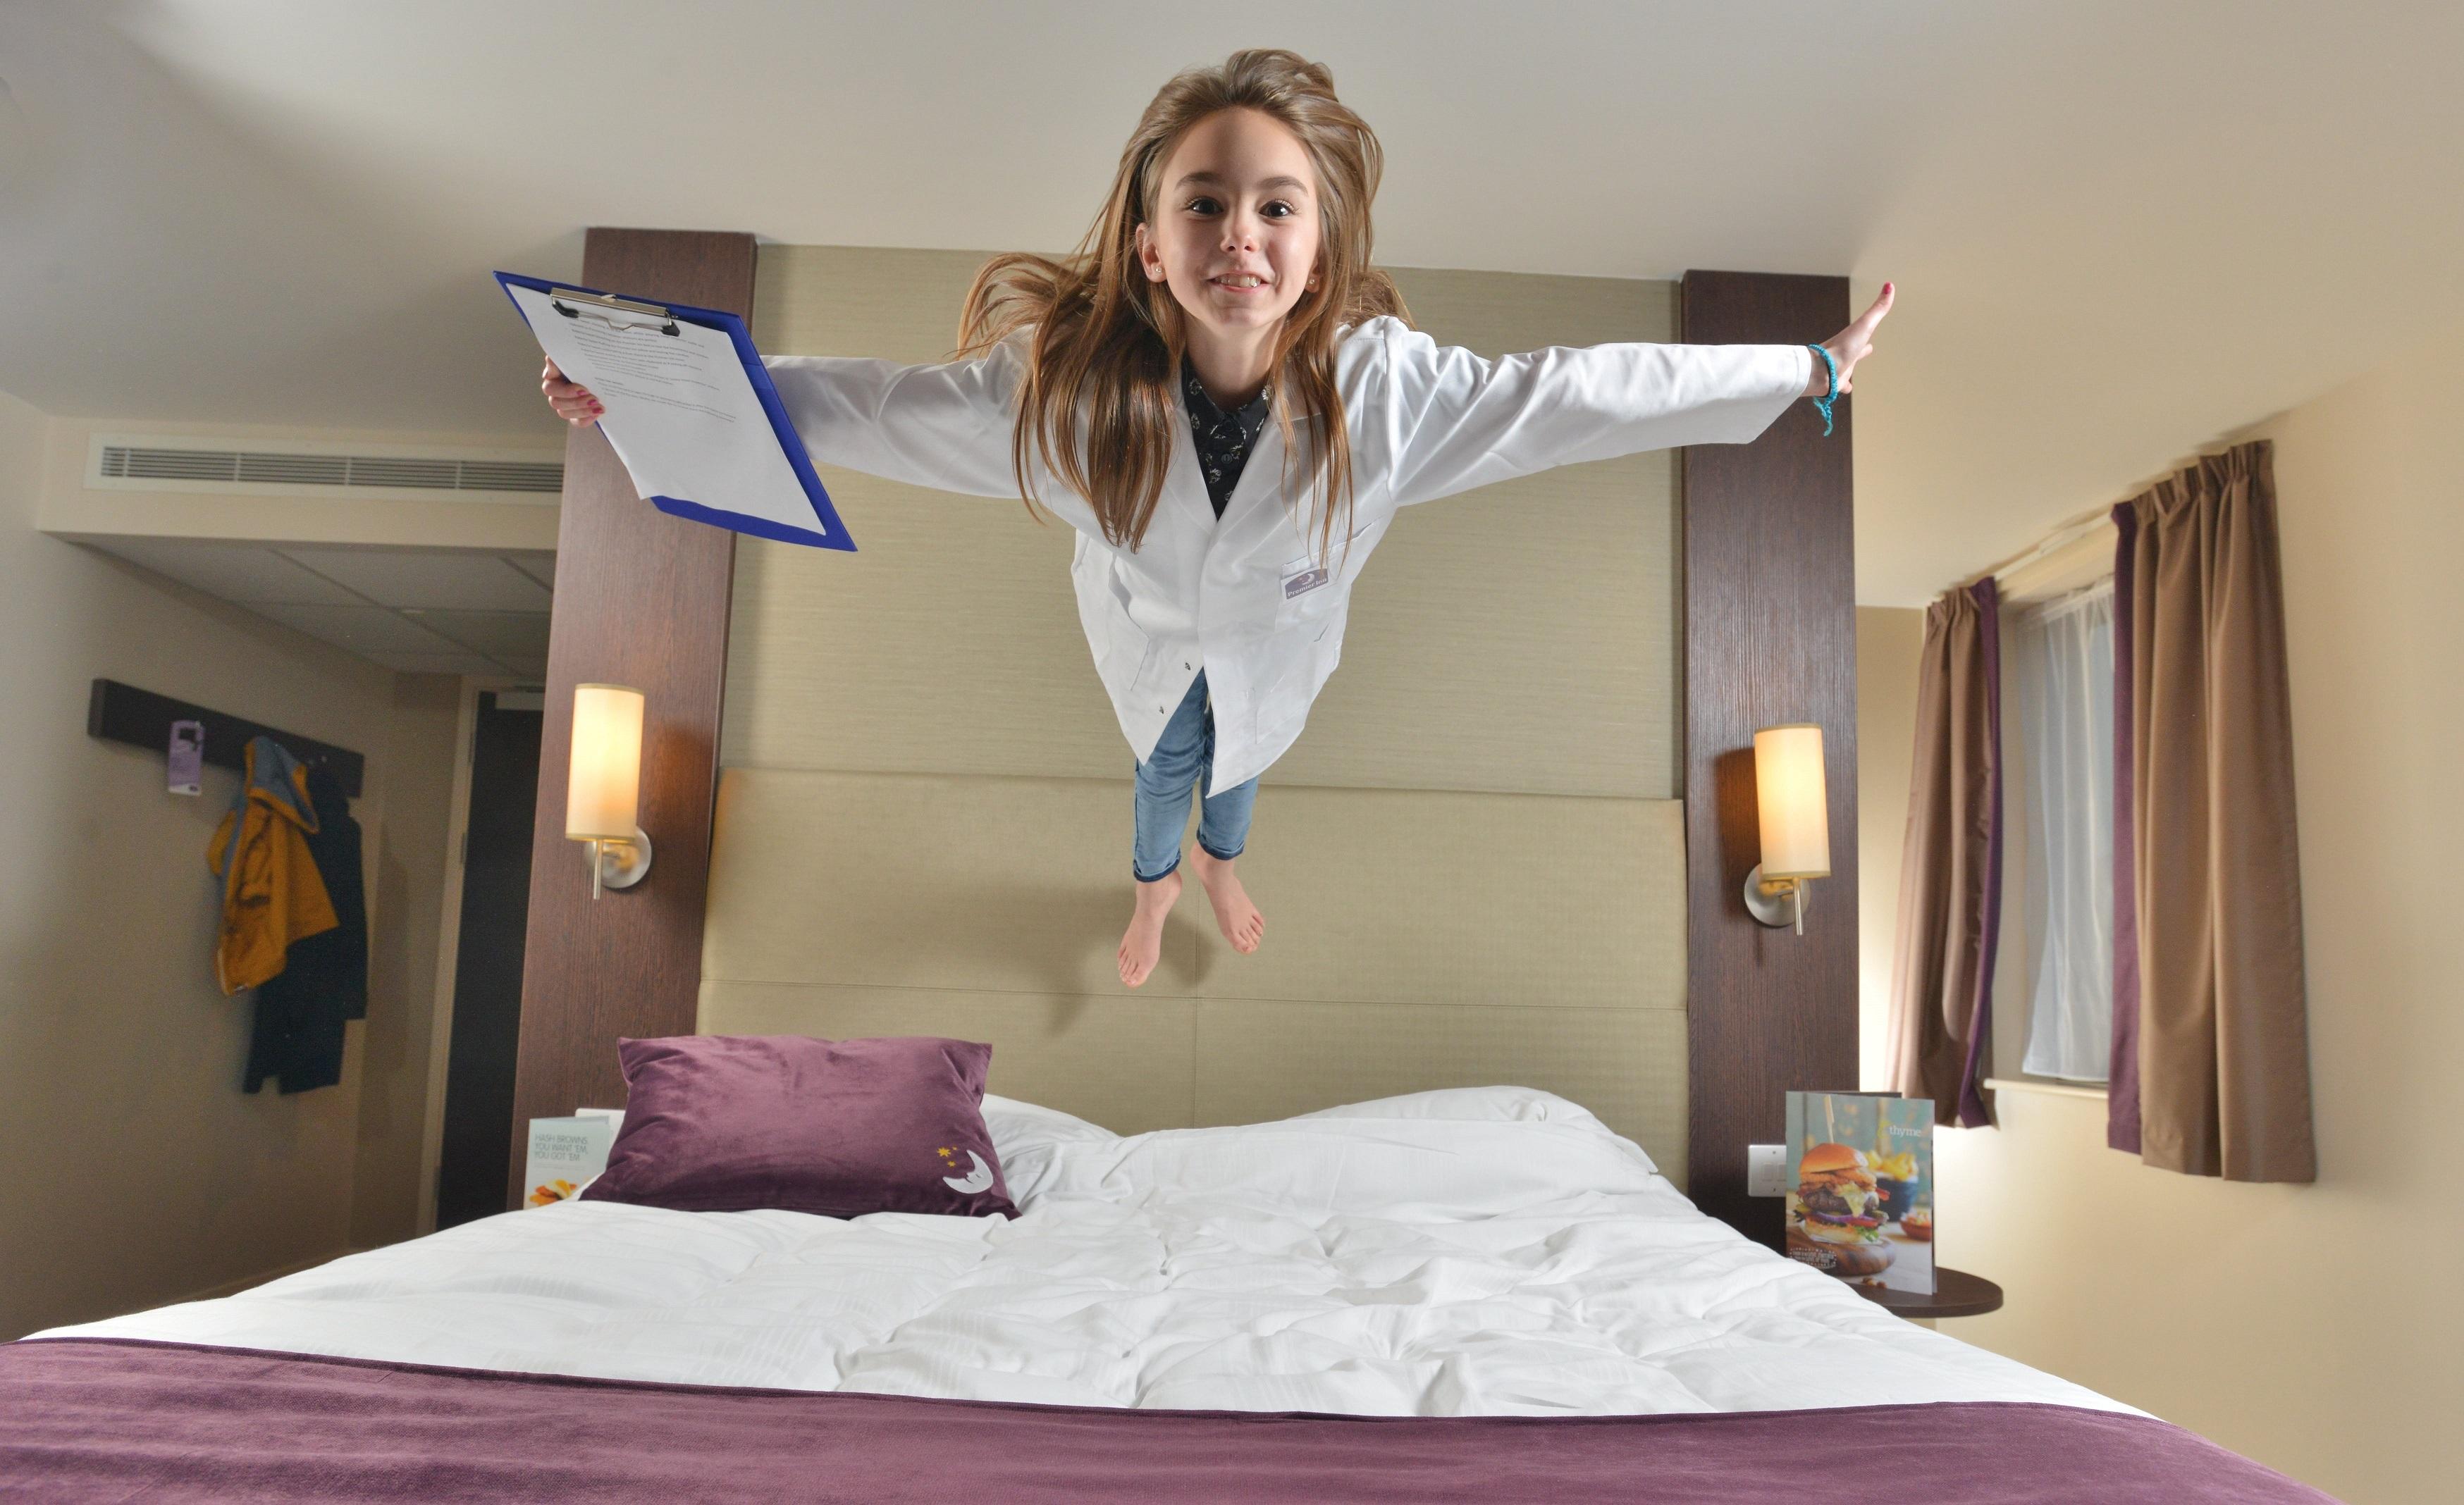 Publicité pour le groupe Premium Inn / Photo Solent News/REX